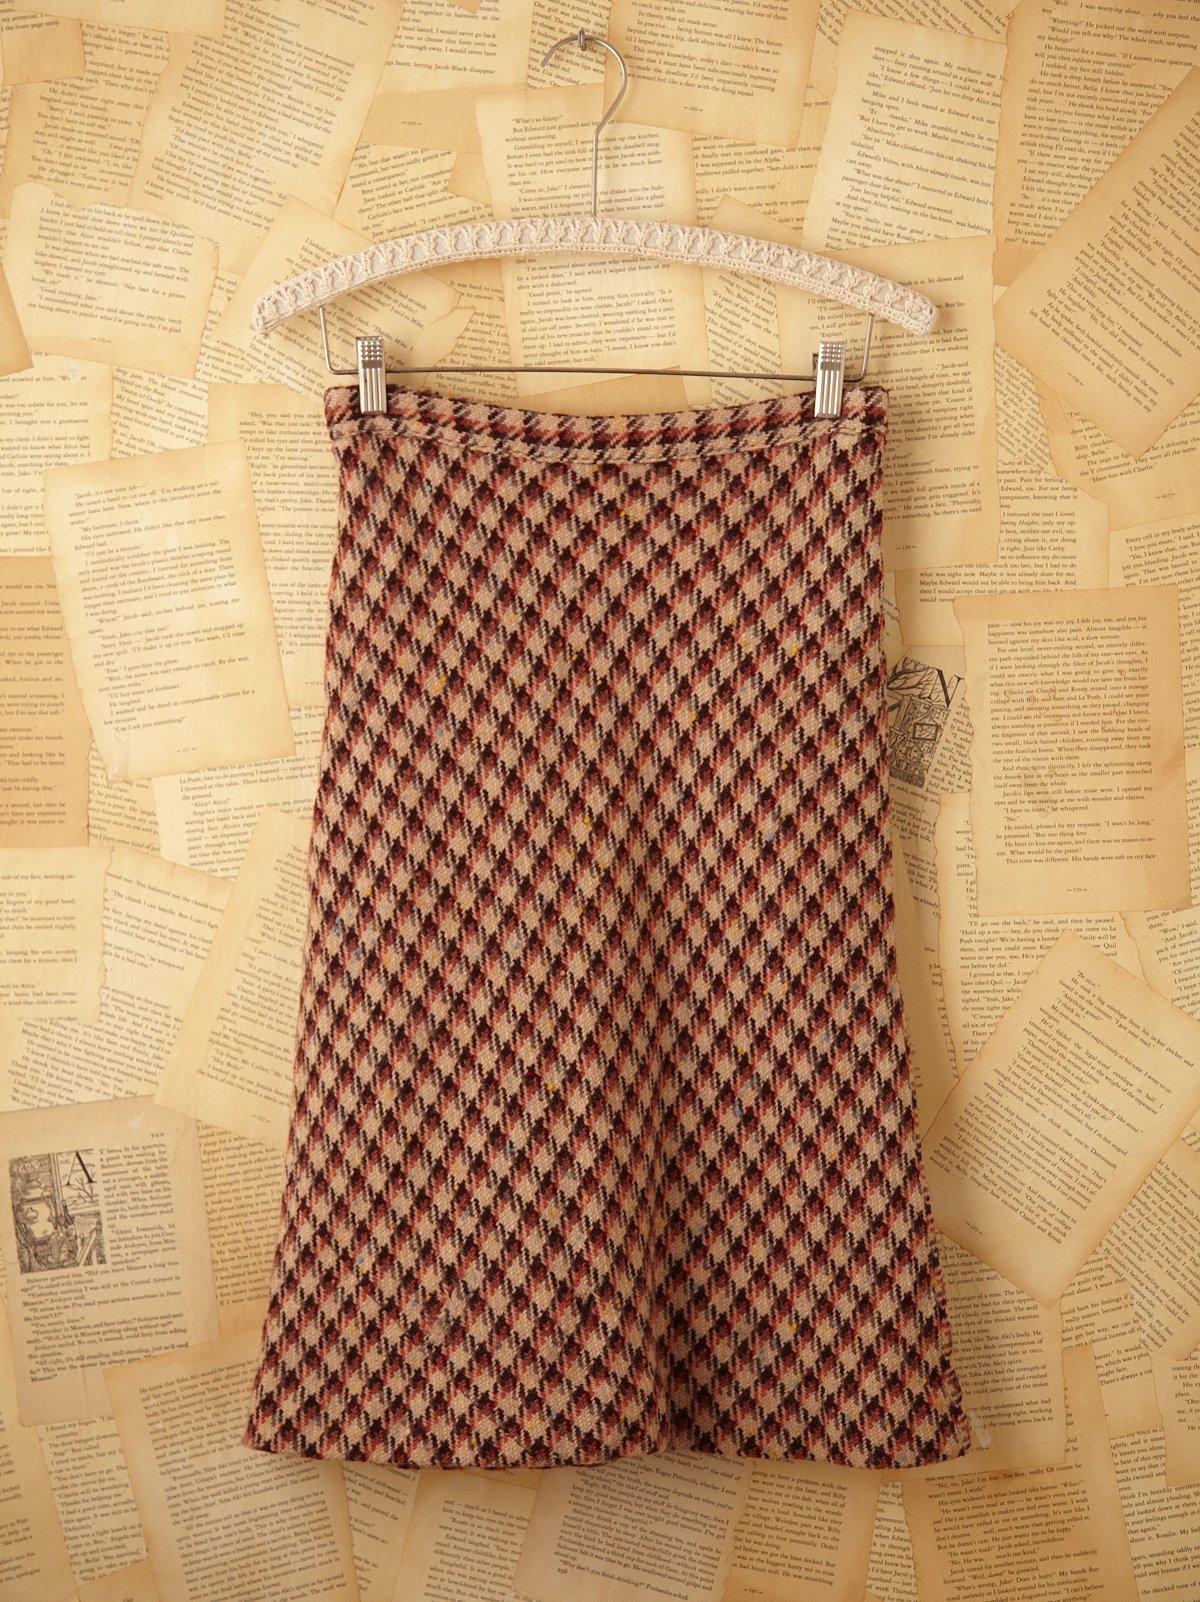 Vintage Tweed Bias Cut Skirt